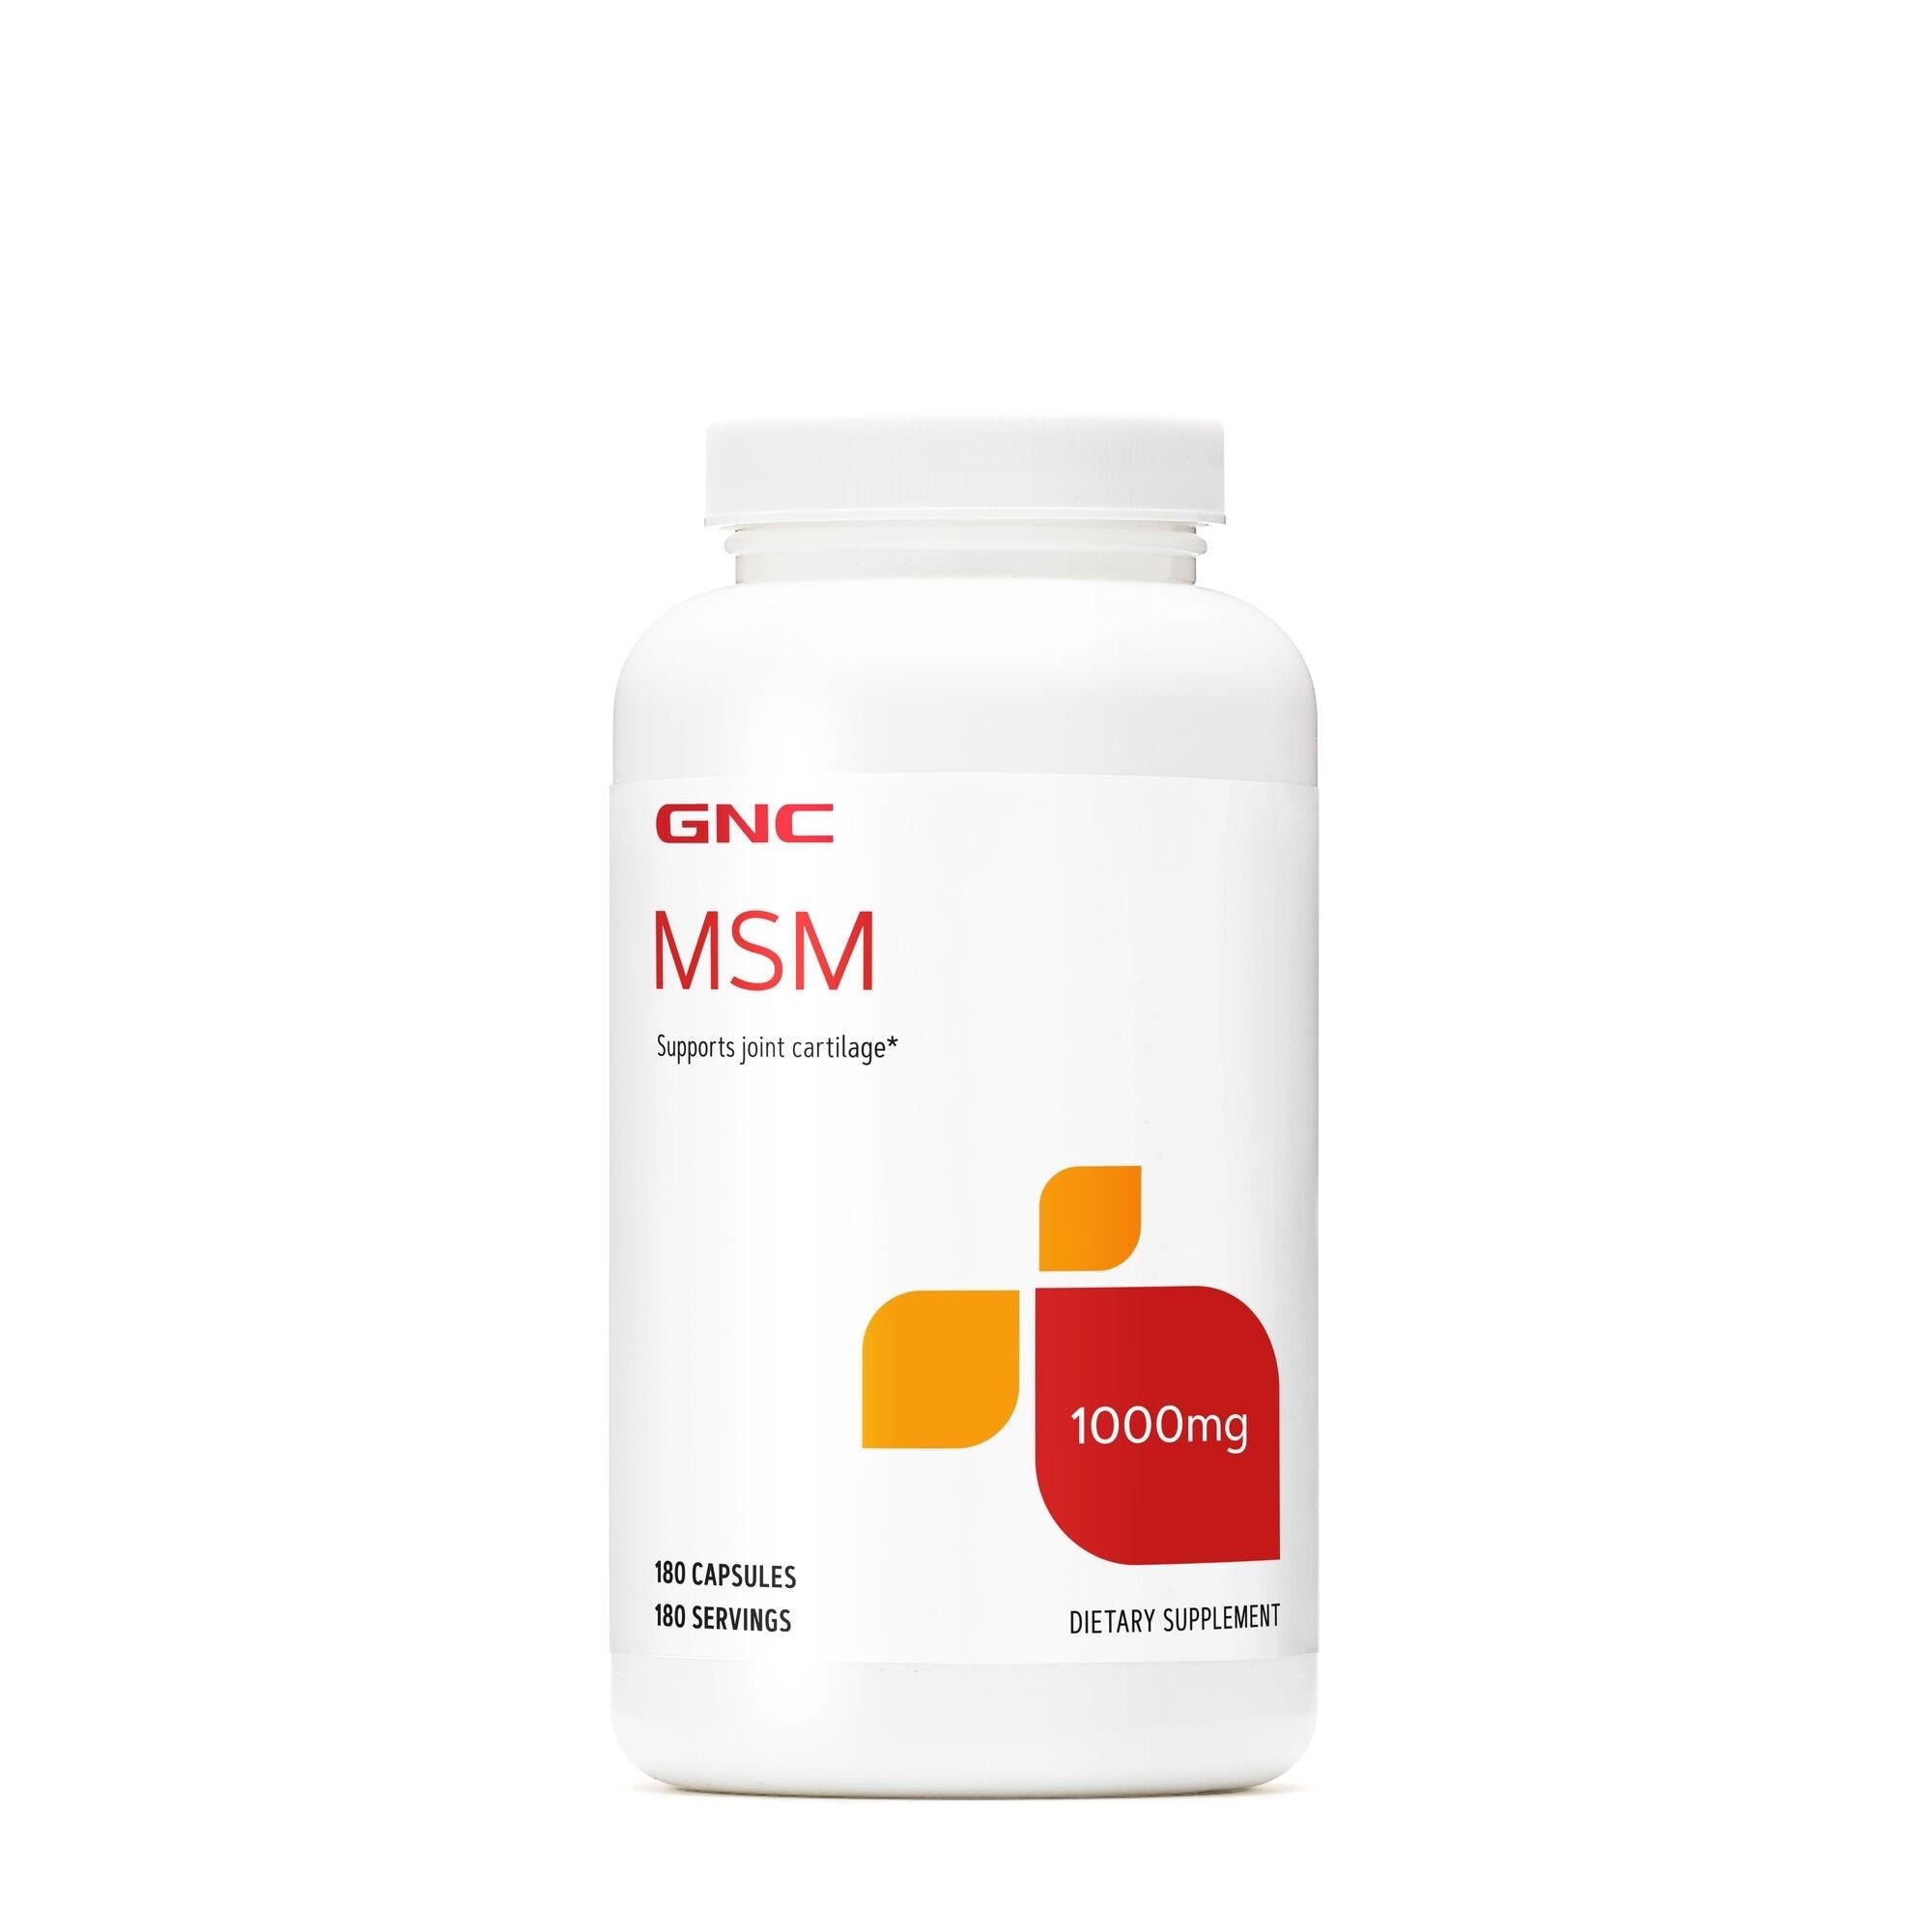 GNC MSM 1000 MG, 180 cps